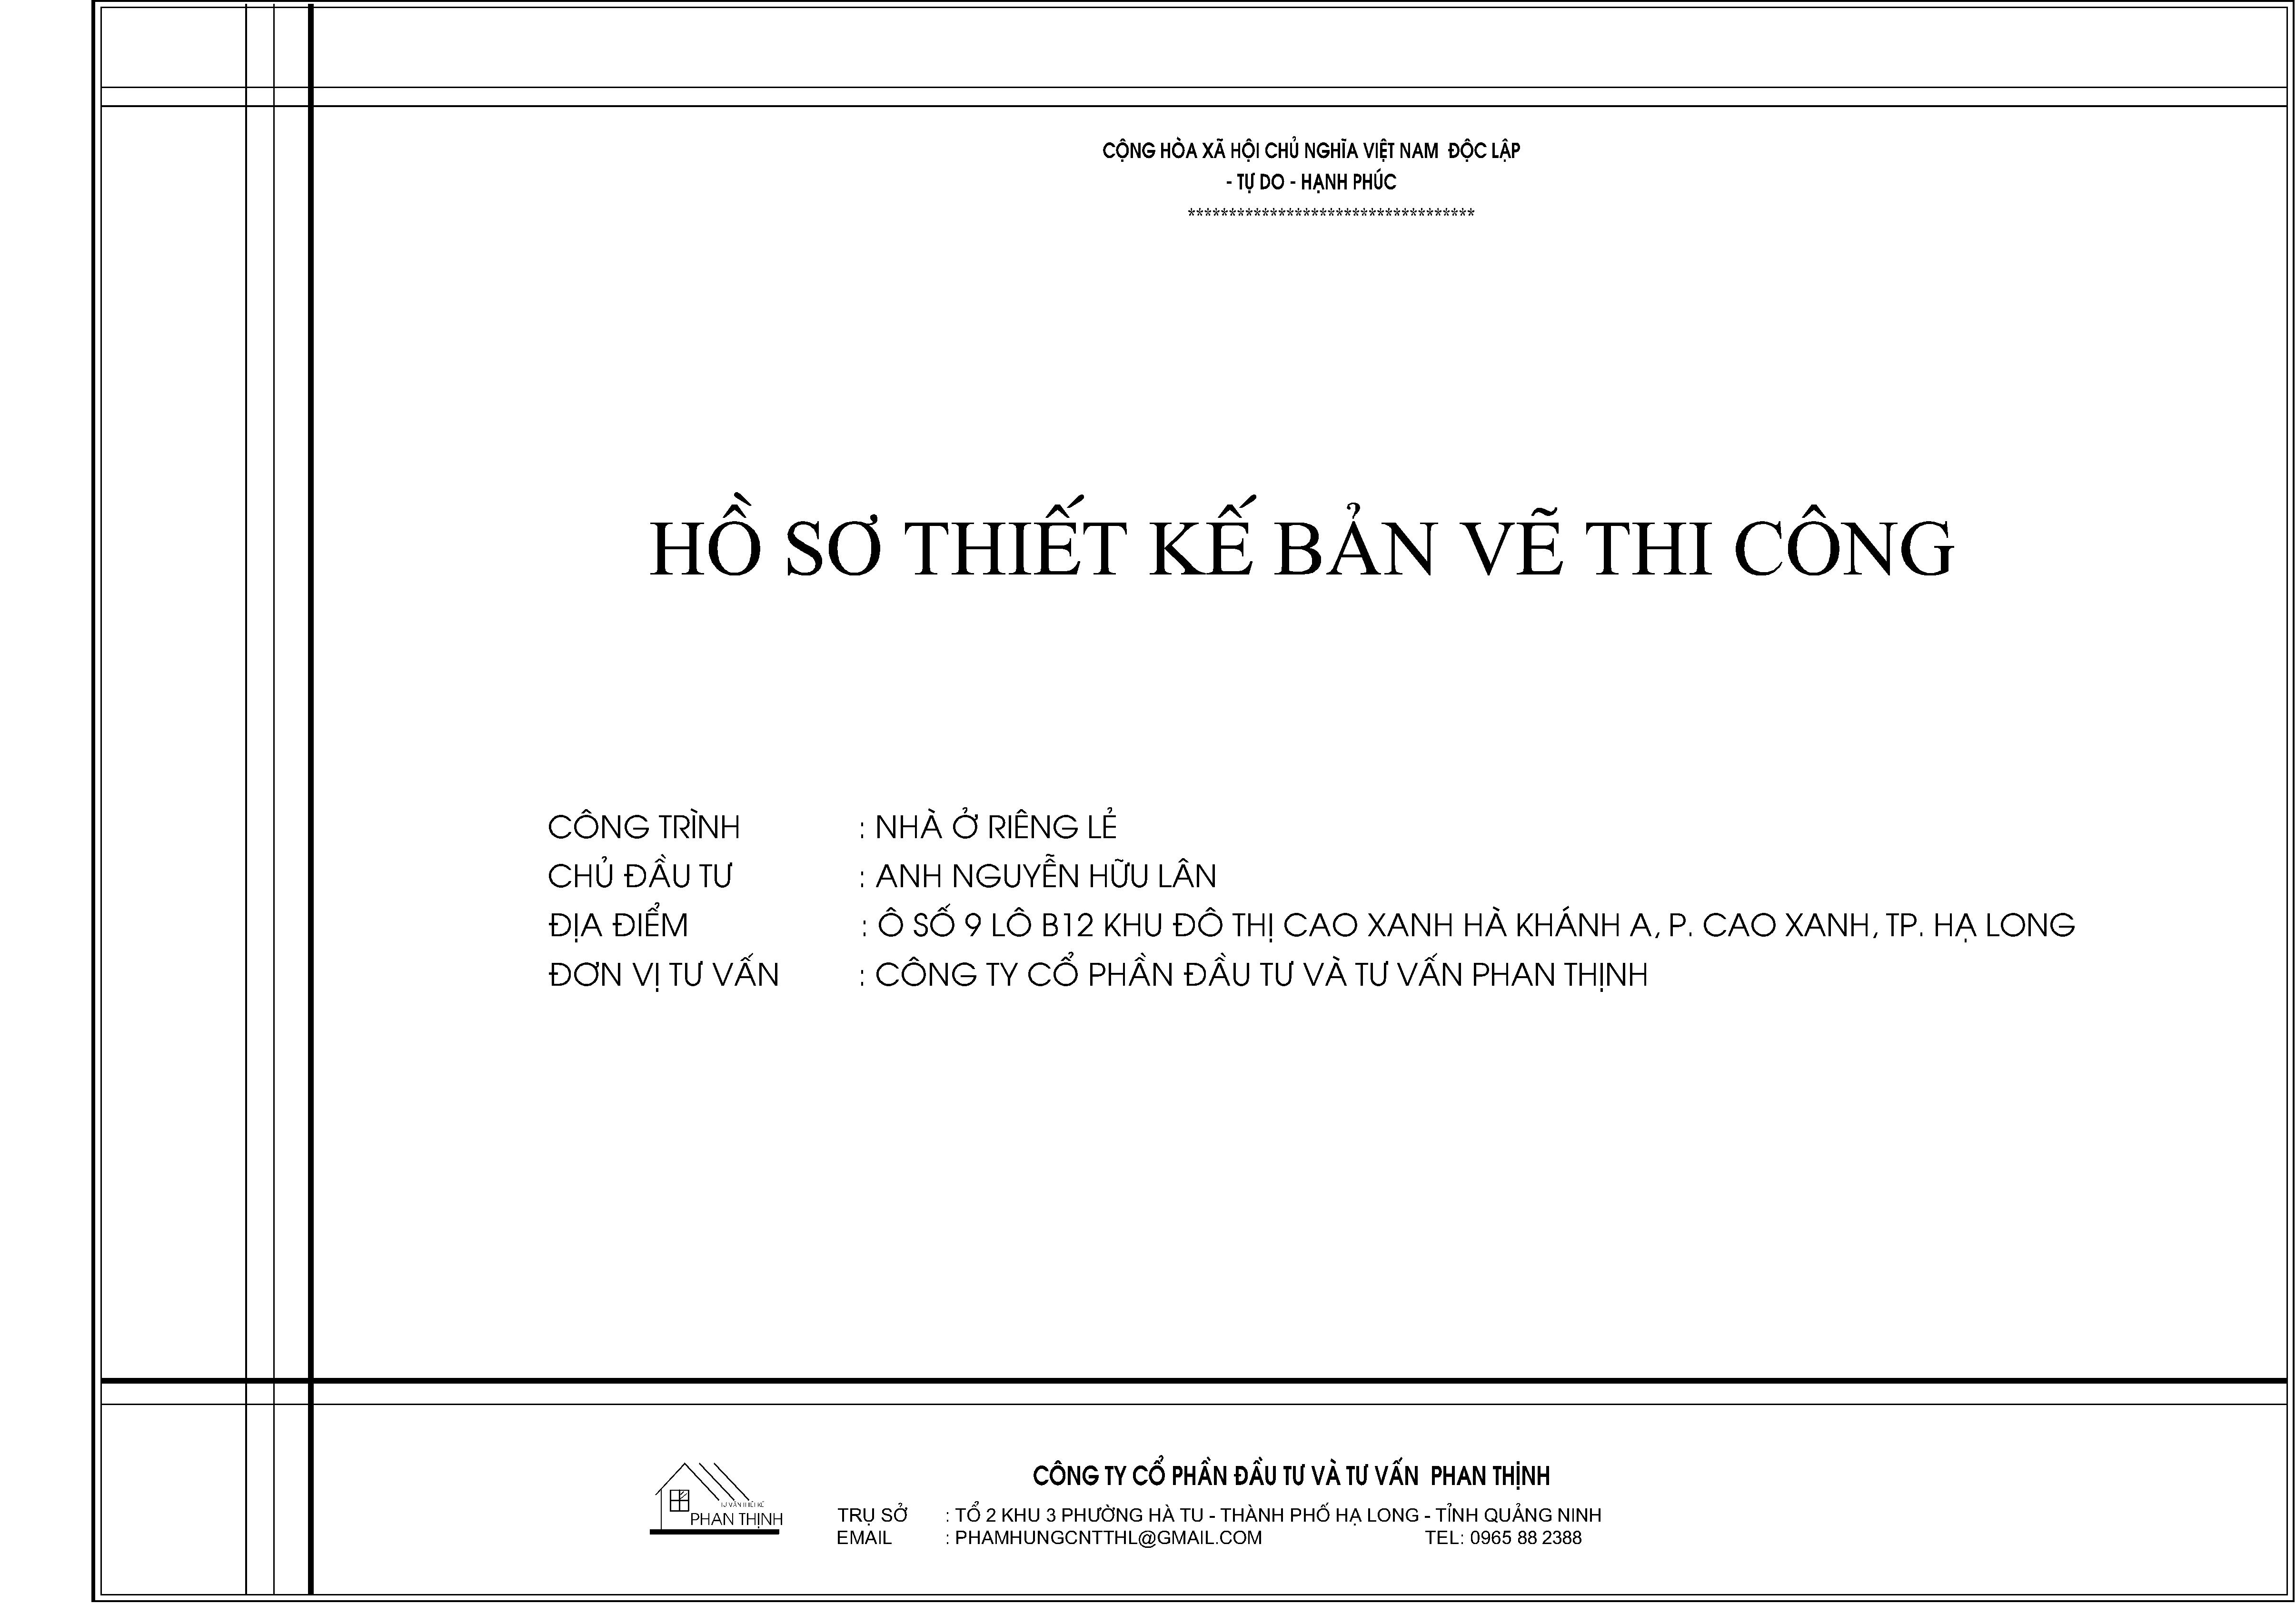 Bìa bản vẽ hồ sơ thiết kế